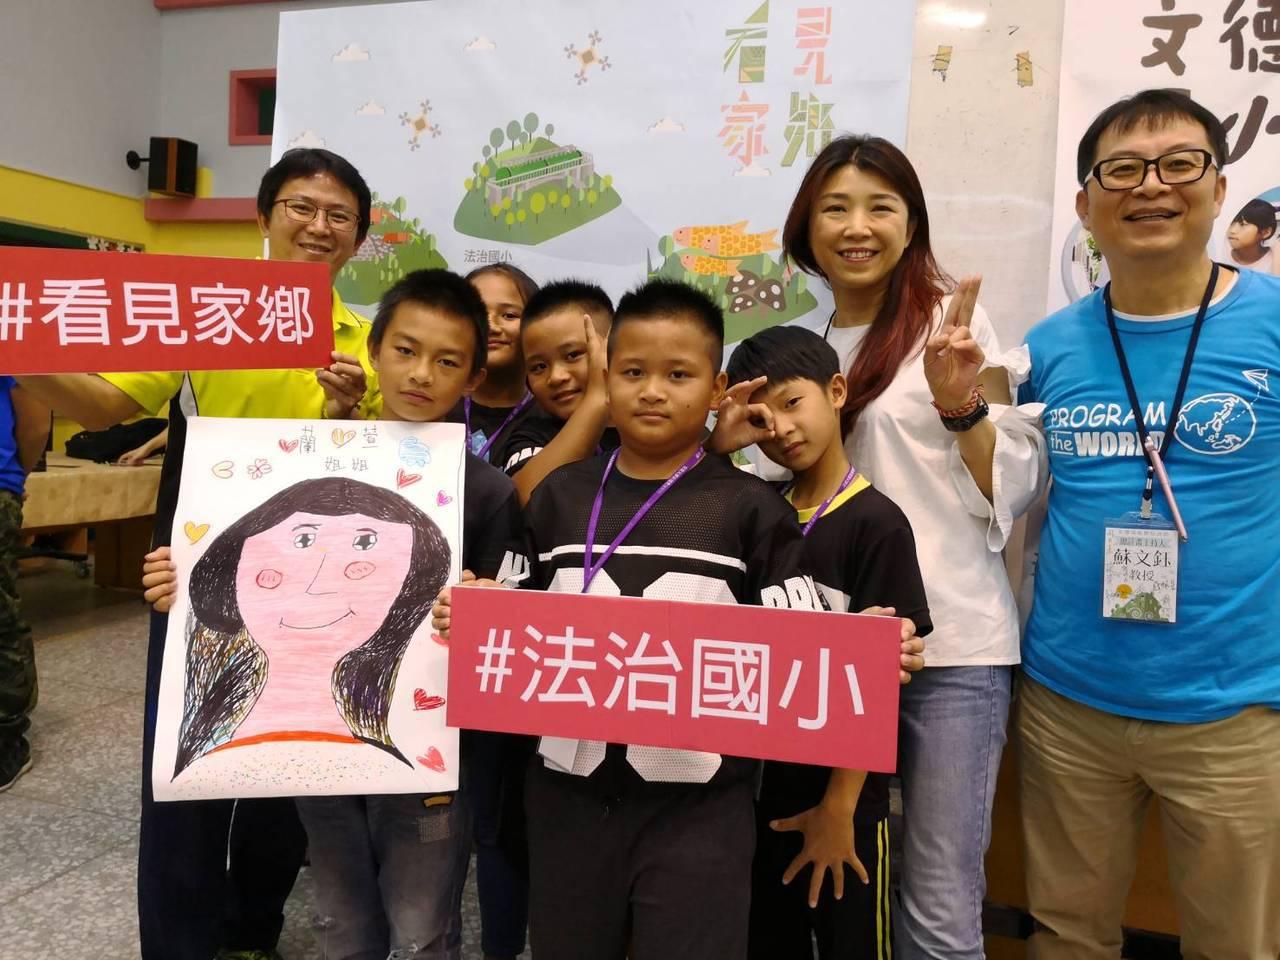 成大教授蘇文鈺邀請蘭萱參與「看見家鄉」計畫,到偏鄉陪孩子說故事。 照片提供/蘭萱